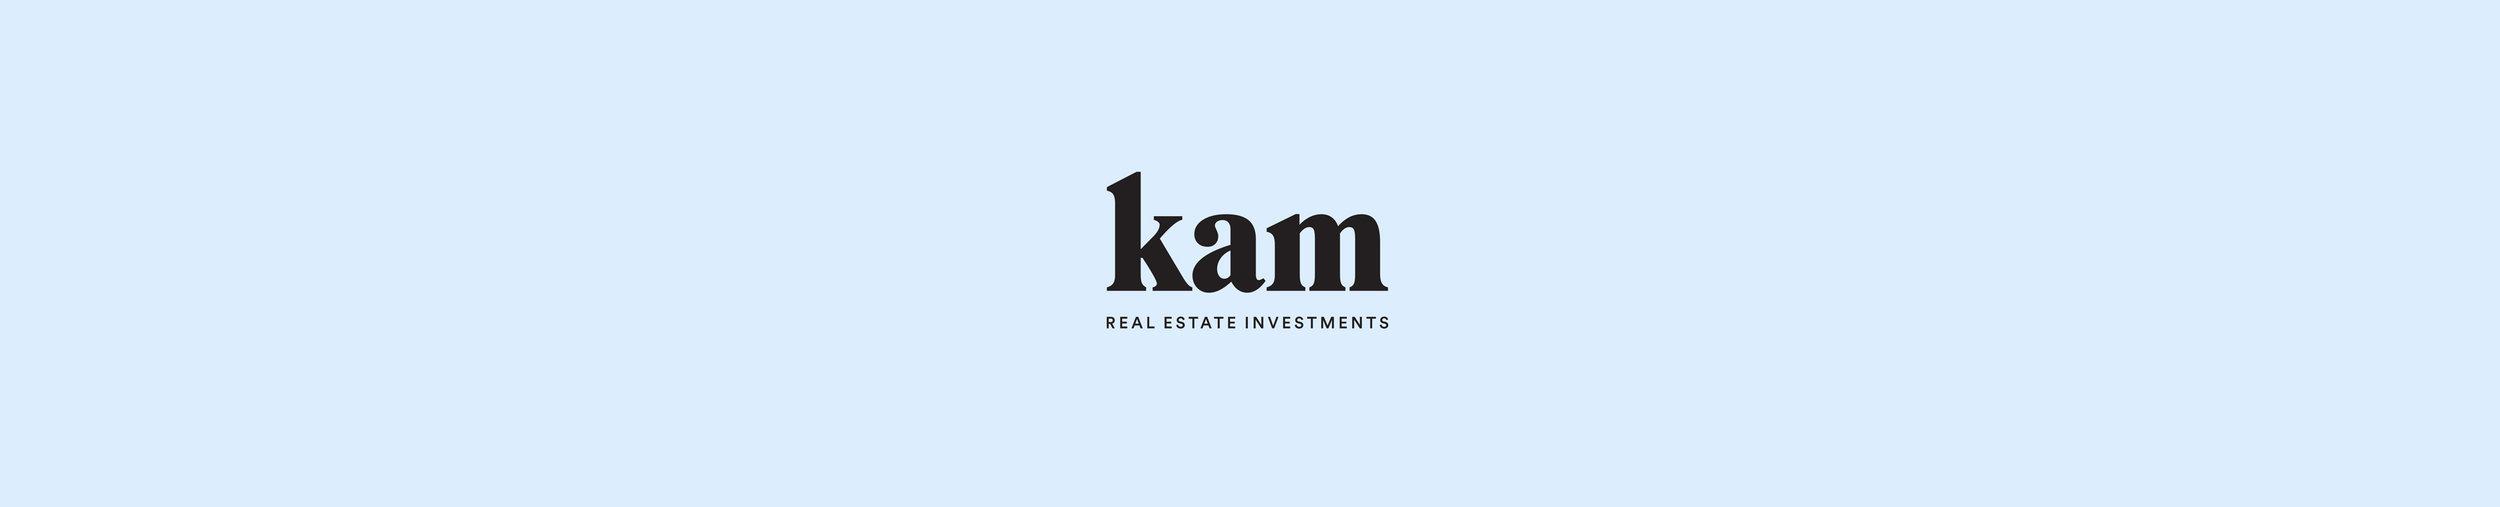 KAM_logo.jpg